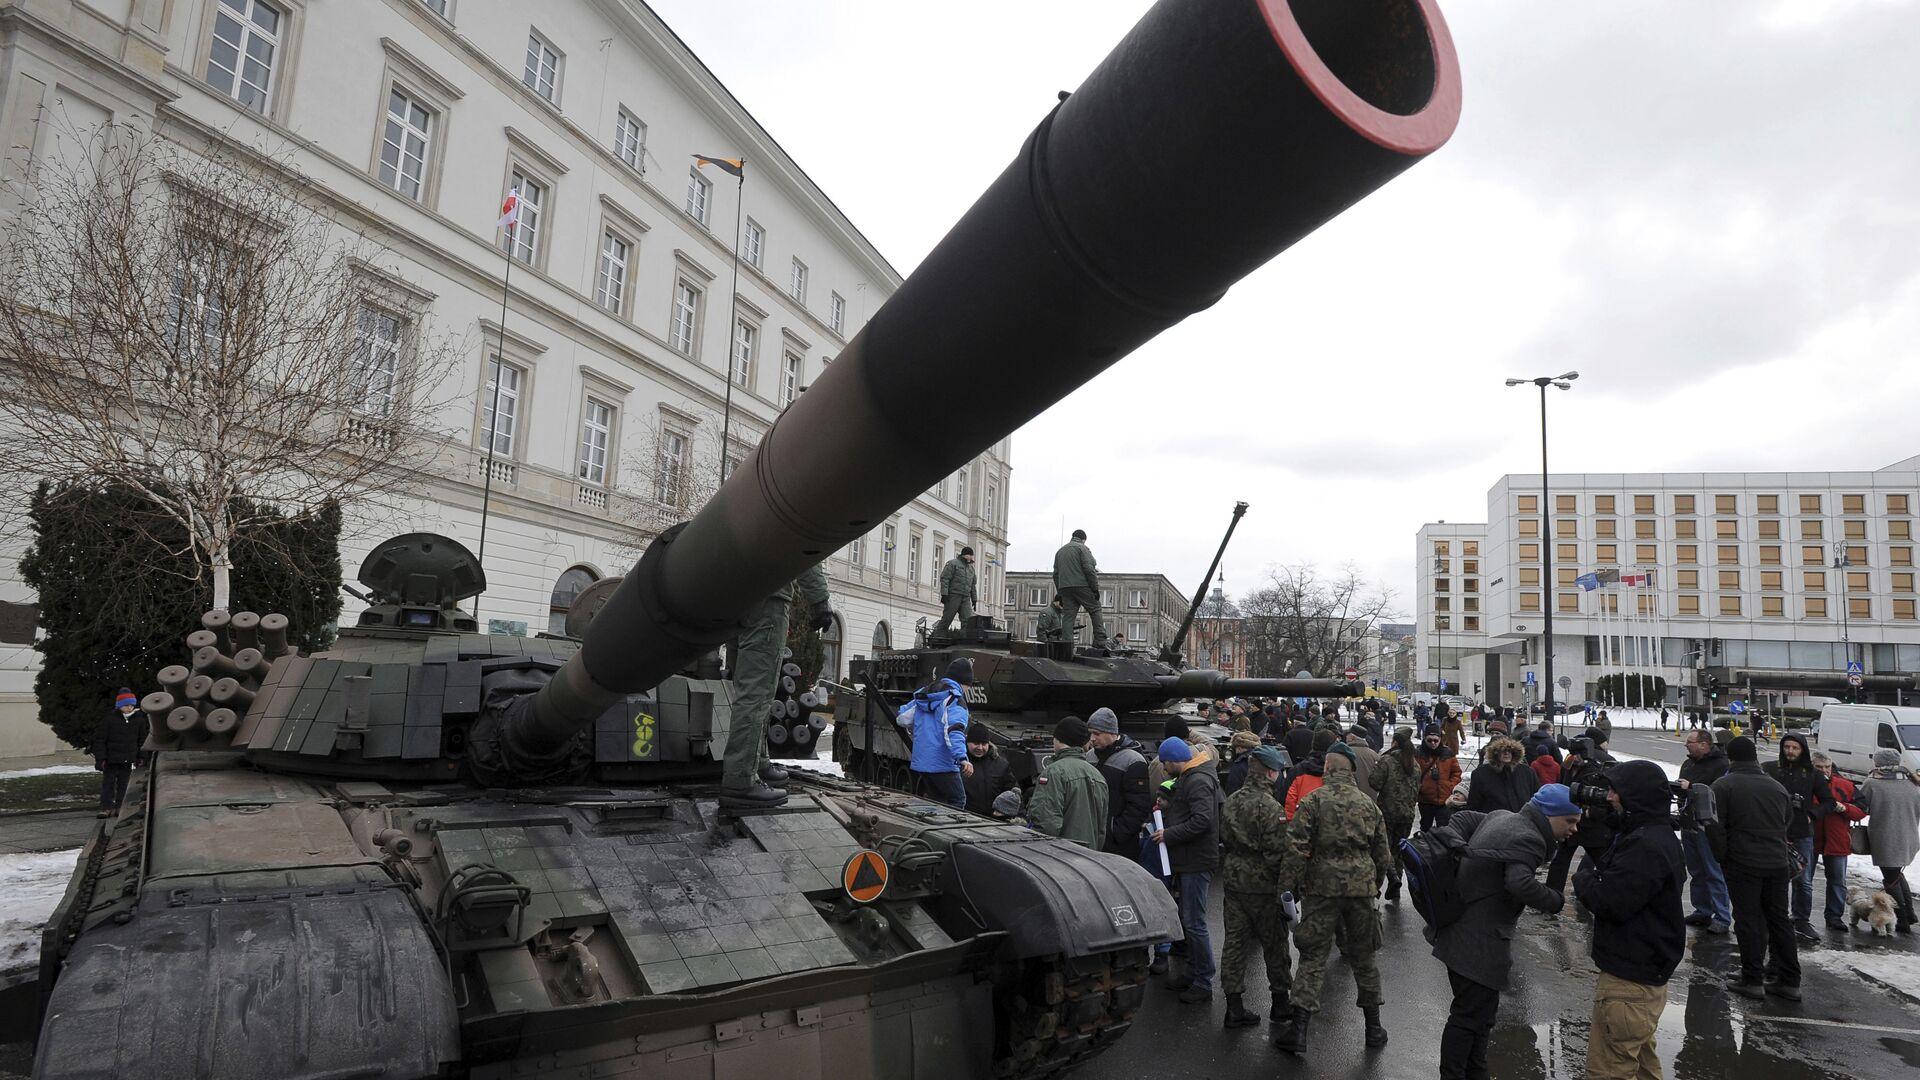 Польский танк PT-91 в Варшаве  - РИА Новости, 1920, 27.06.2021